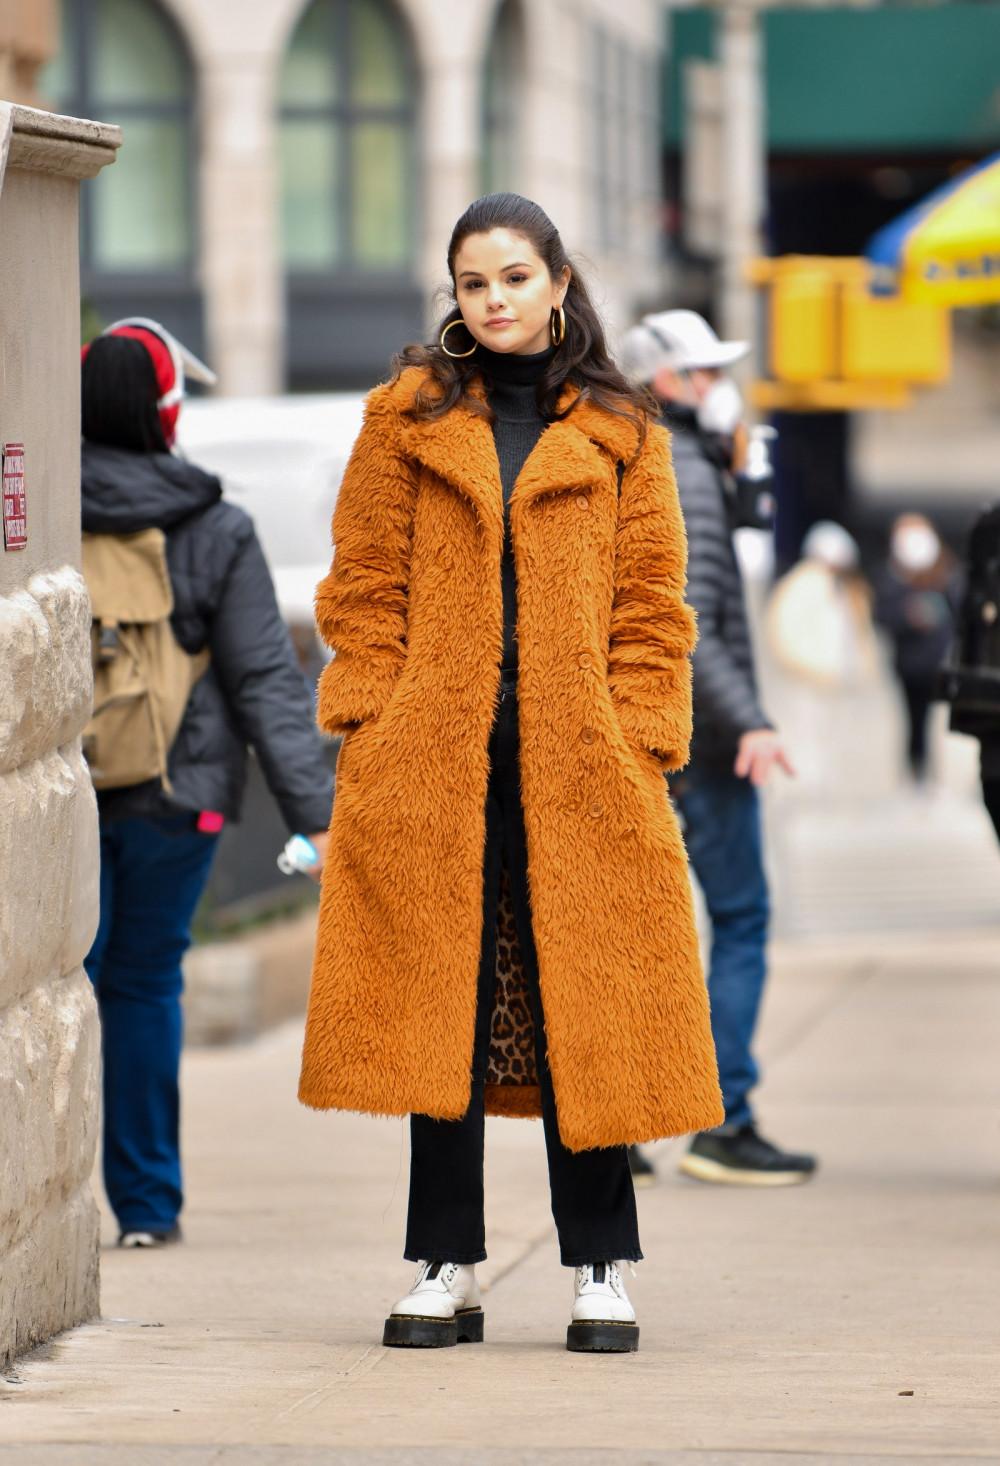 Chắc chắn sẽ không phải là một sự sai lầm khi lựa chọn một đôi bốt trắng với lớp đế cao su dày, nó sẽ giúp bạn mang đến nét hiện đại, tươi mới và đầy bất ngờ cho bất kỳ phong cách thời trang nào.